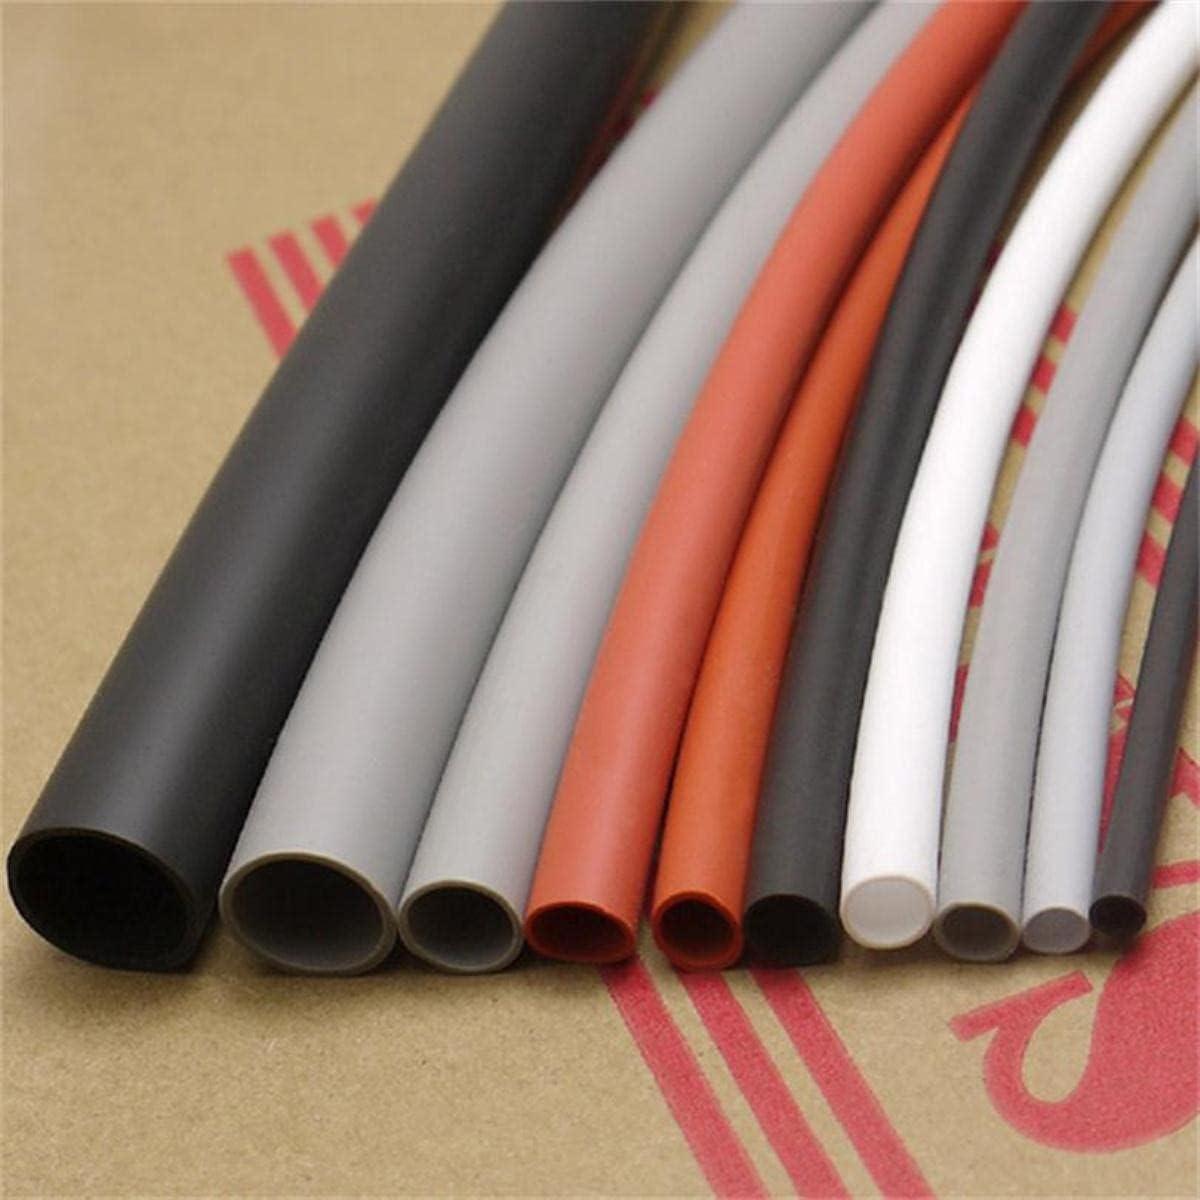 3 mm Flexible Soft 1.7: 1 Silicona Tuber¨ªa termocontra¨ªble Caucho de silicona - 2/5/10 Metros-Azul, 10 Metros